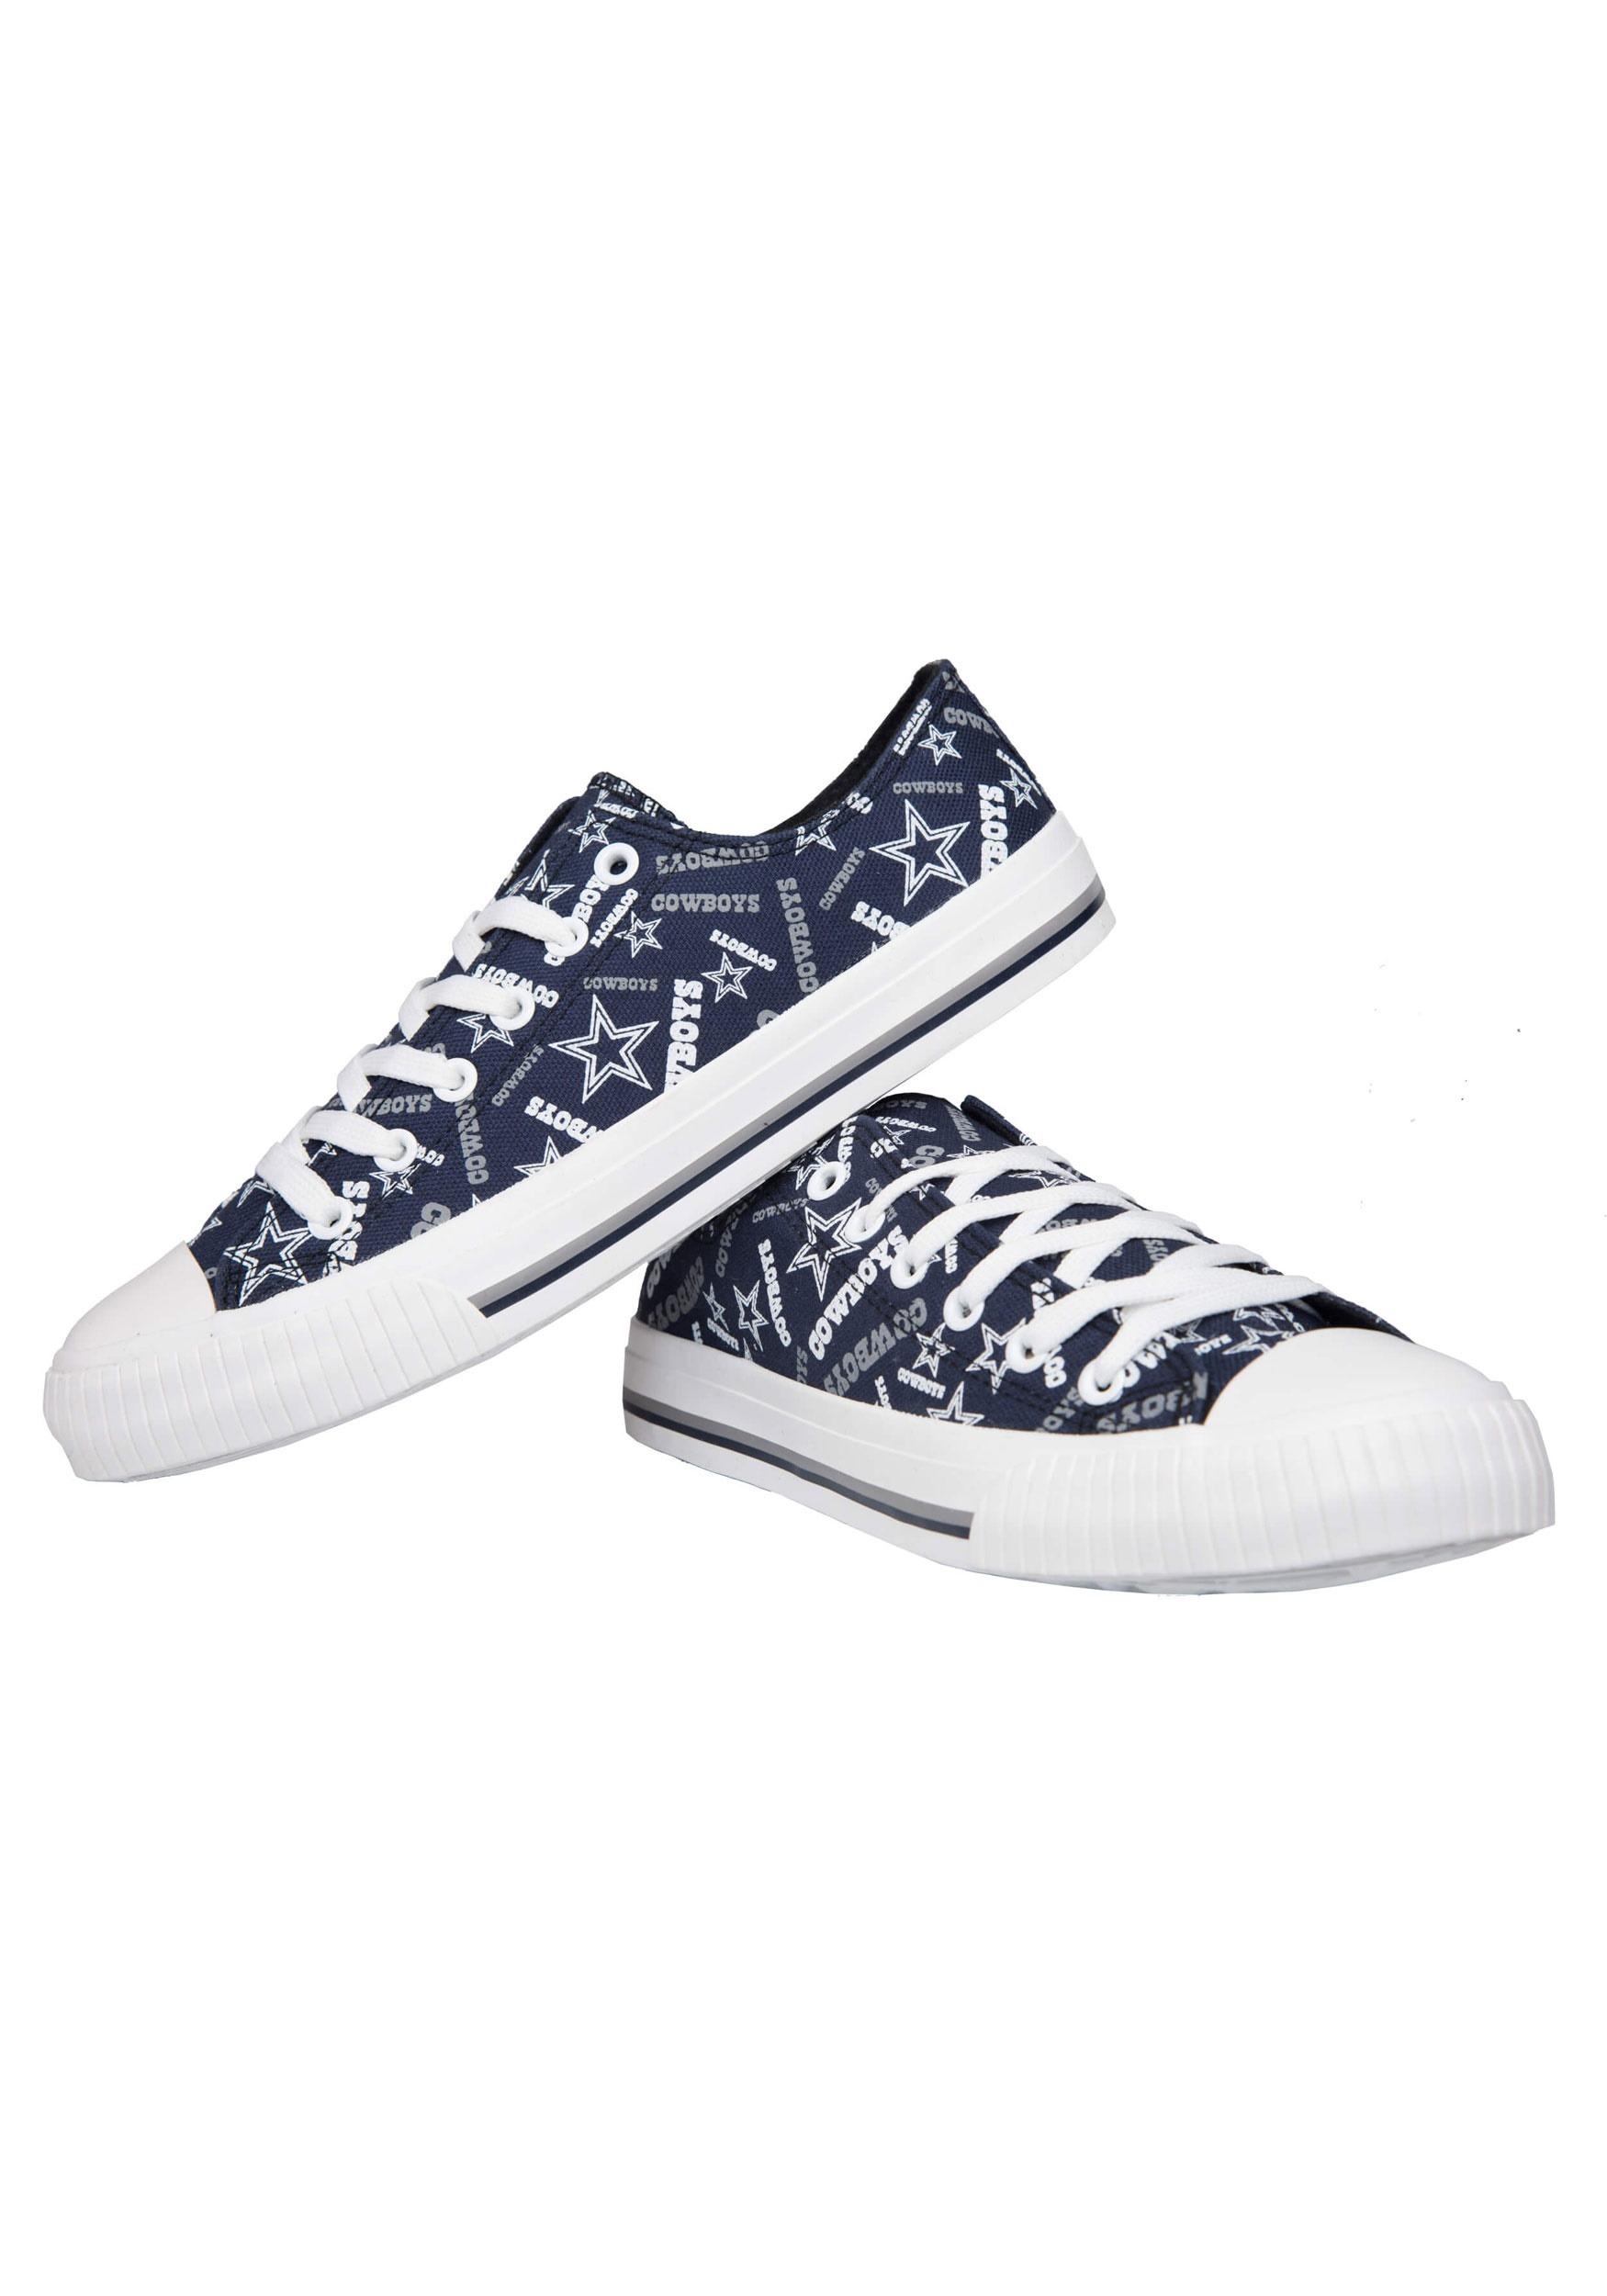 Dallas Cowboys Low Top Canvas Shoes for Women 15ec70b79